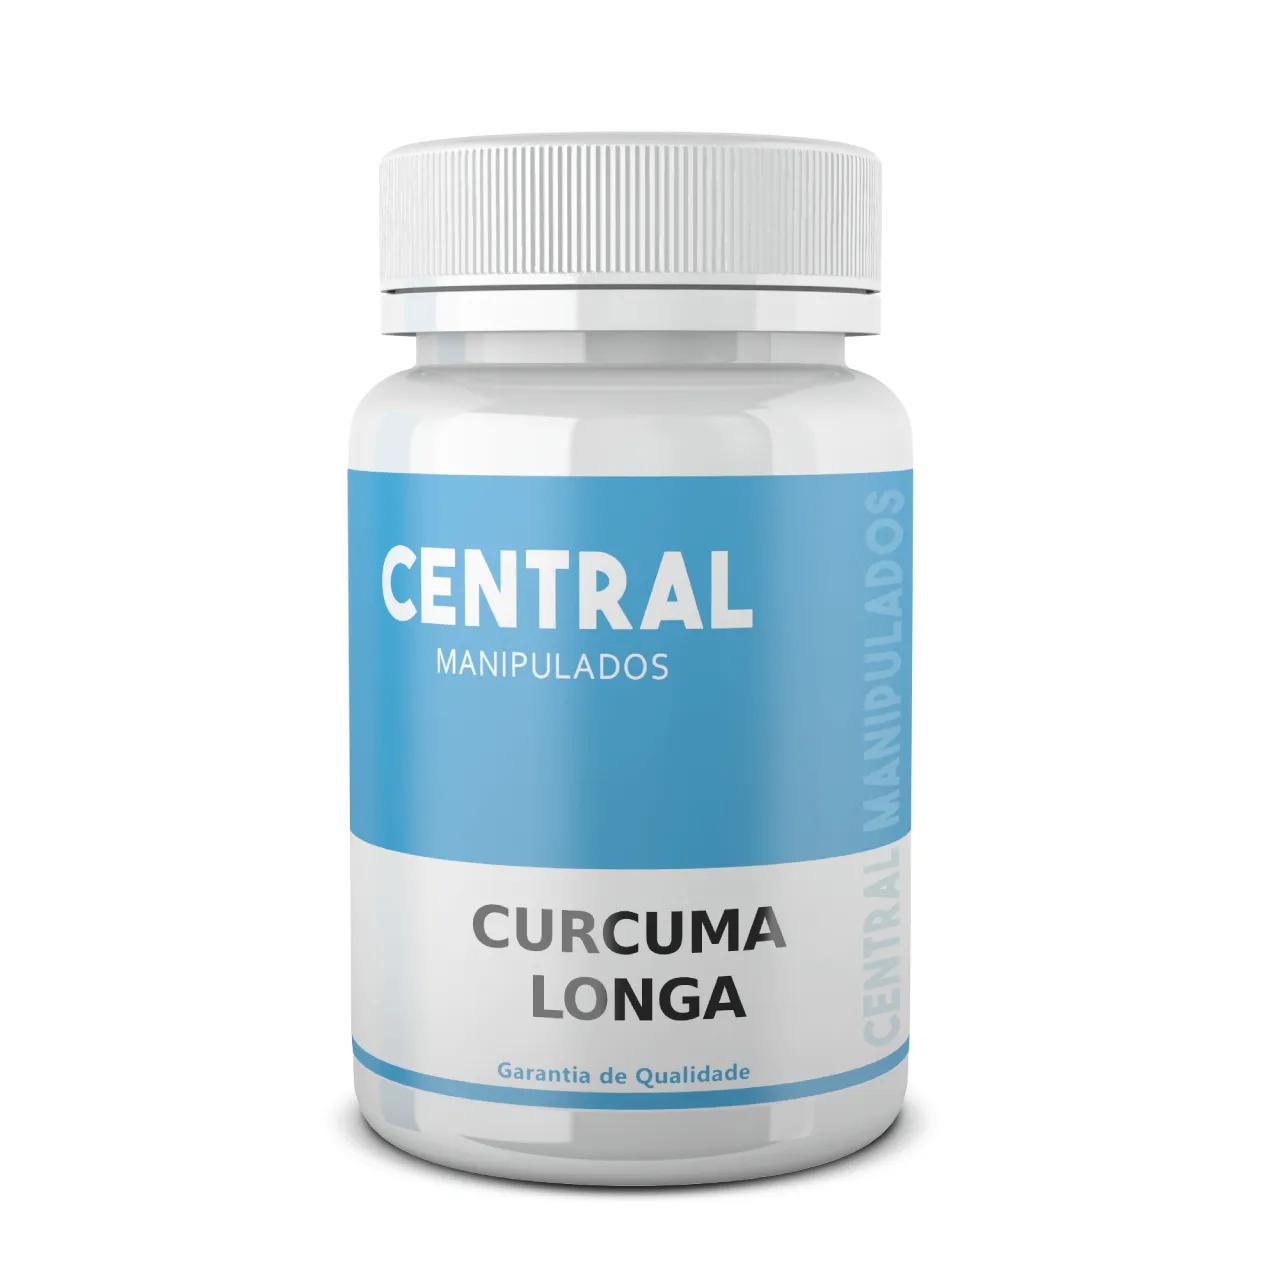 Curcuma Longa 500mg - 60 cápsulas - Antioxidante, Anti-inflamatório, Anti-reumático, Antitumoral